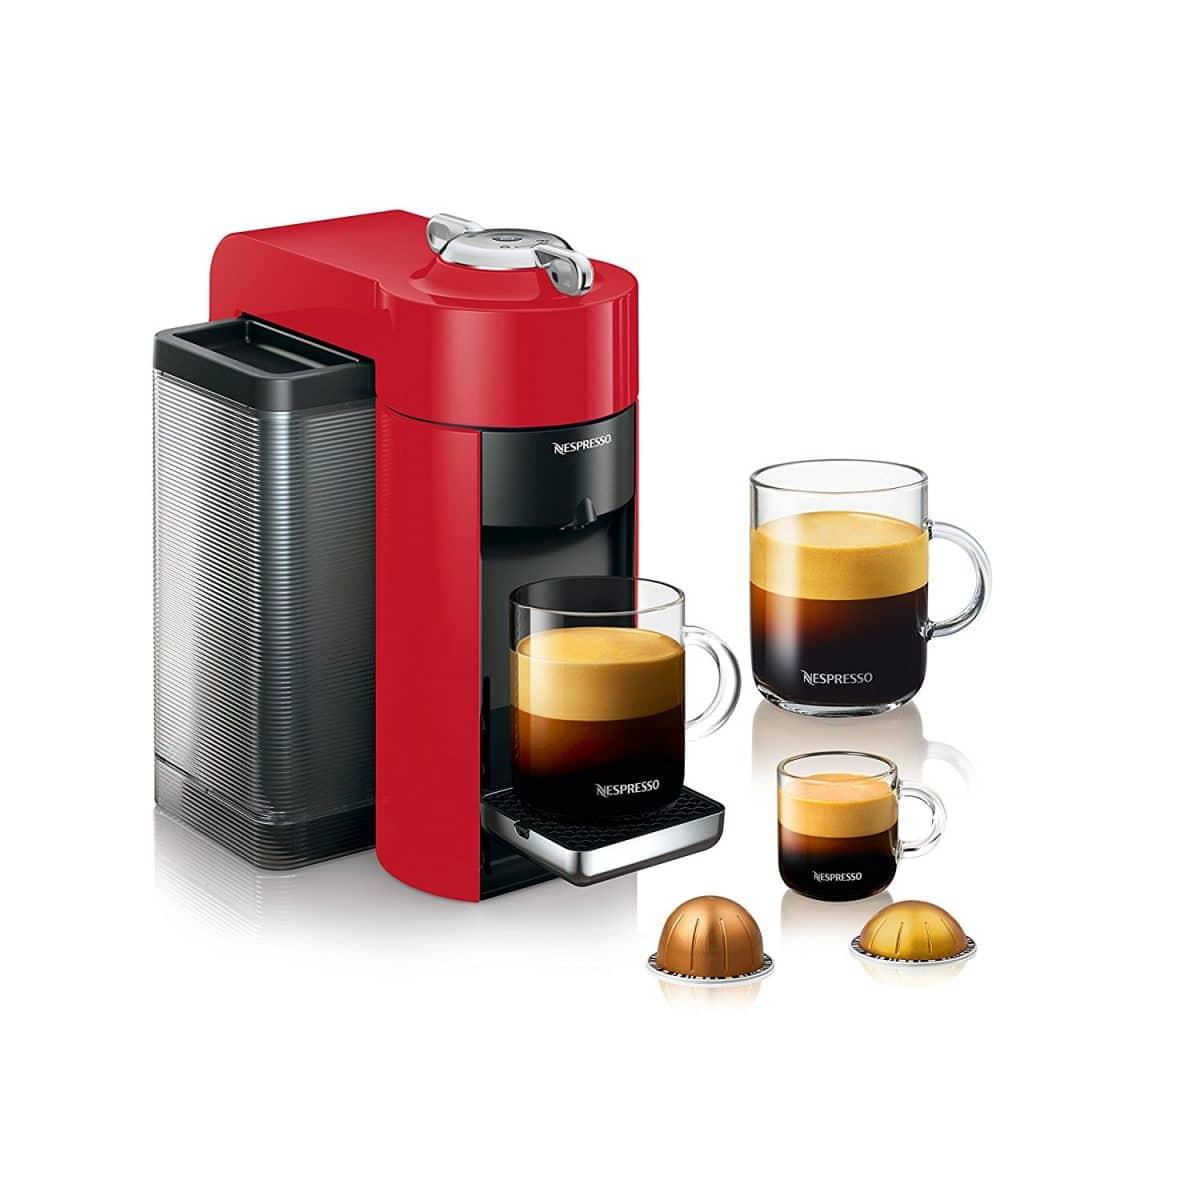 De'Longhi Nespresso Vertuo Coffee & Espresso Machine